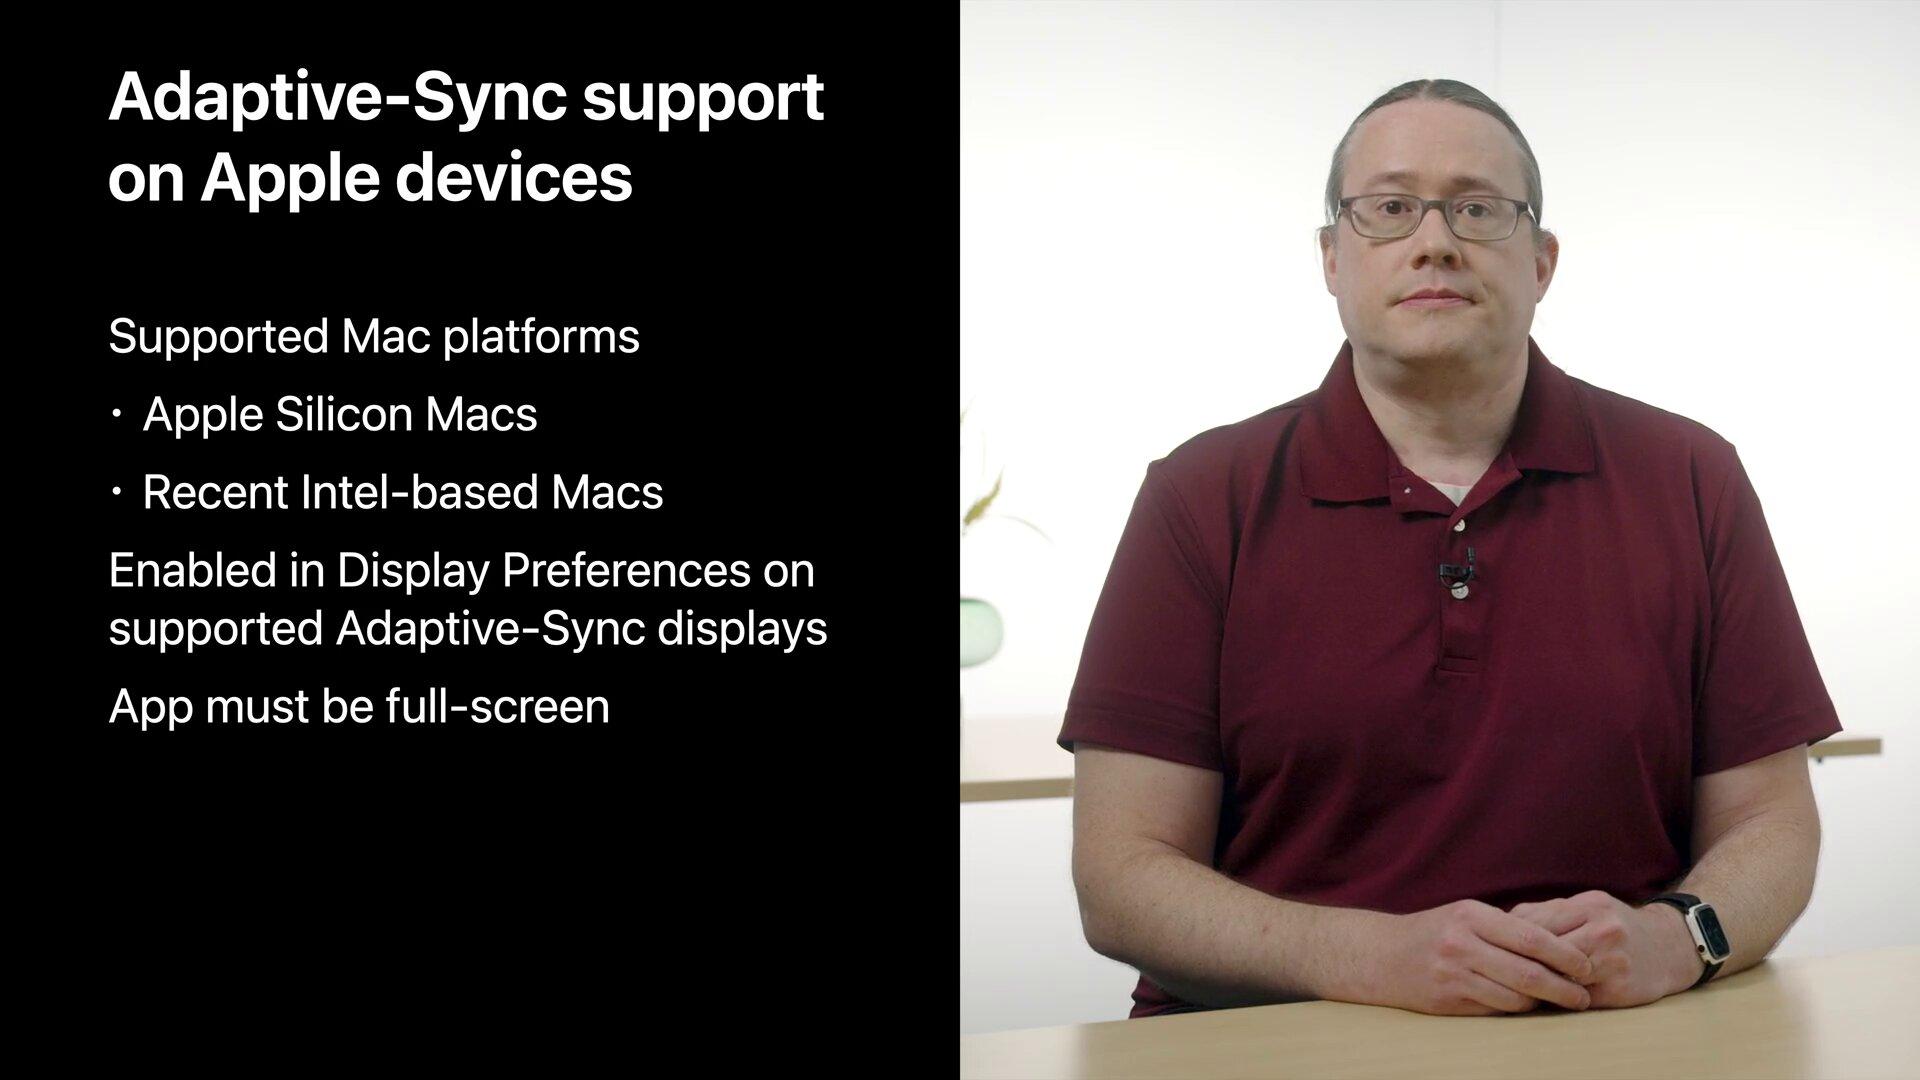 Requisitos de Adaptive-Sync